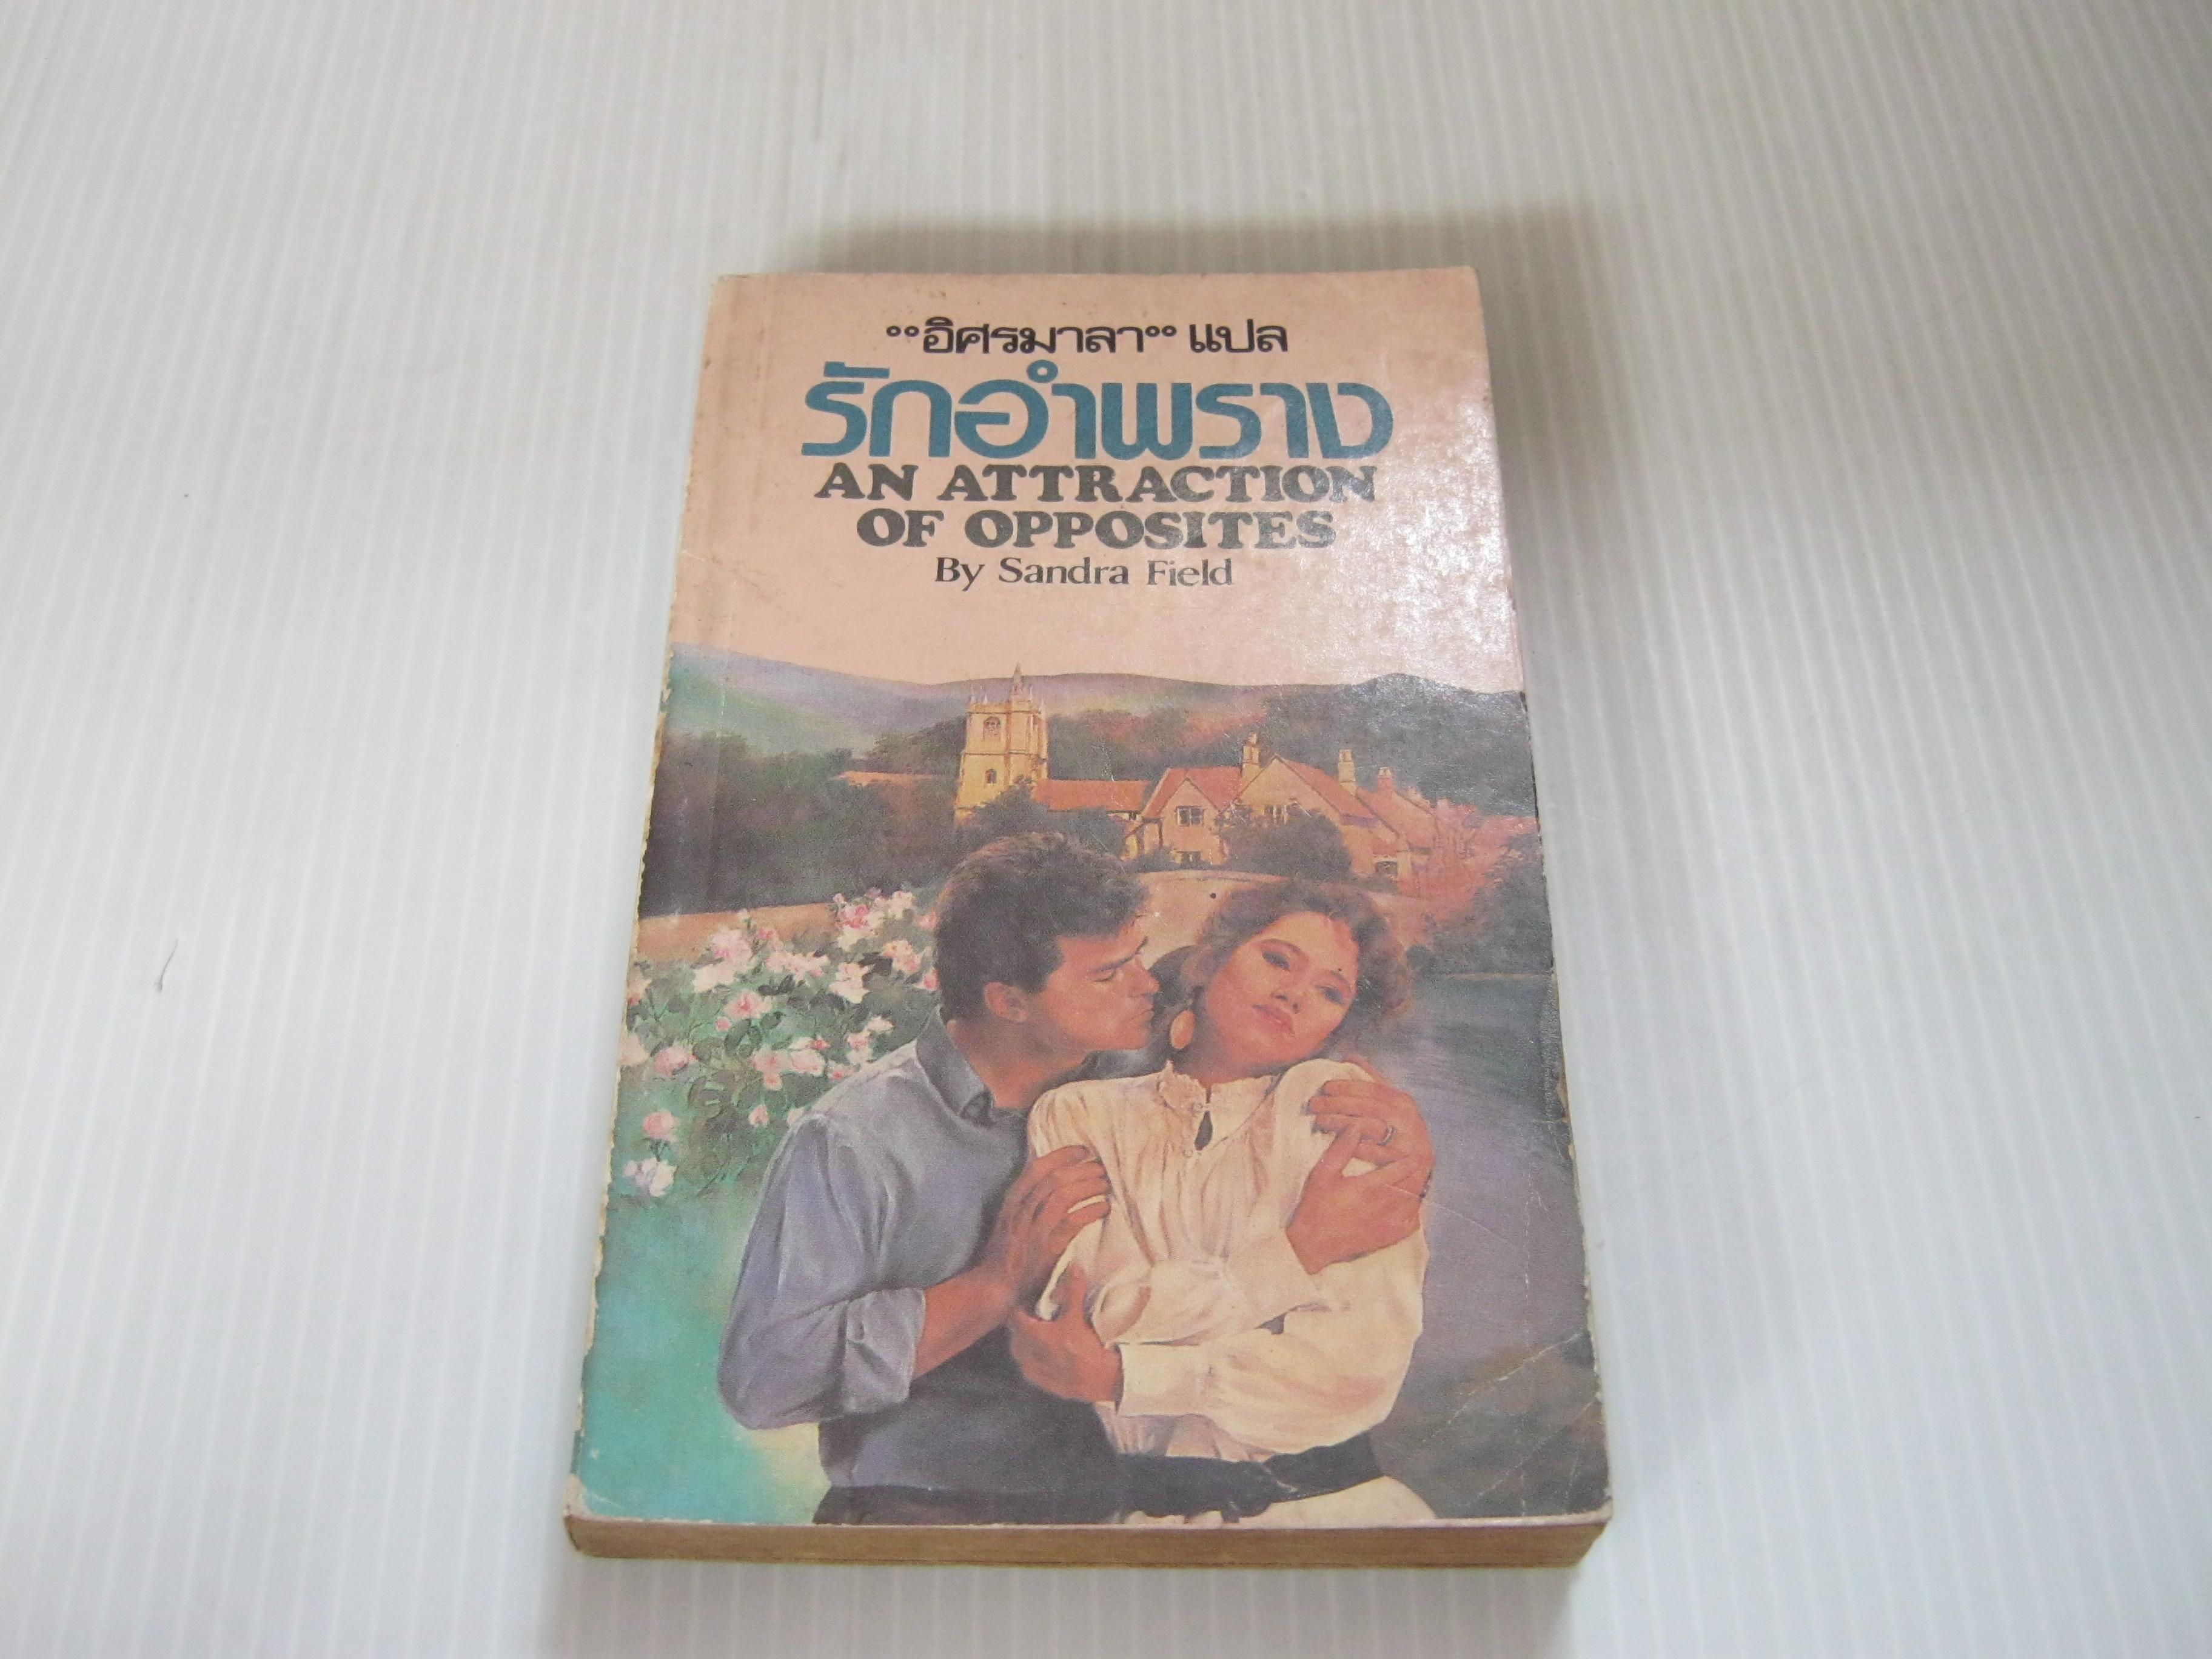 รักอำพราง (An Attraction of Opposites) Sandra Field เขียน อิศรมาลา แปล